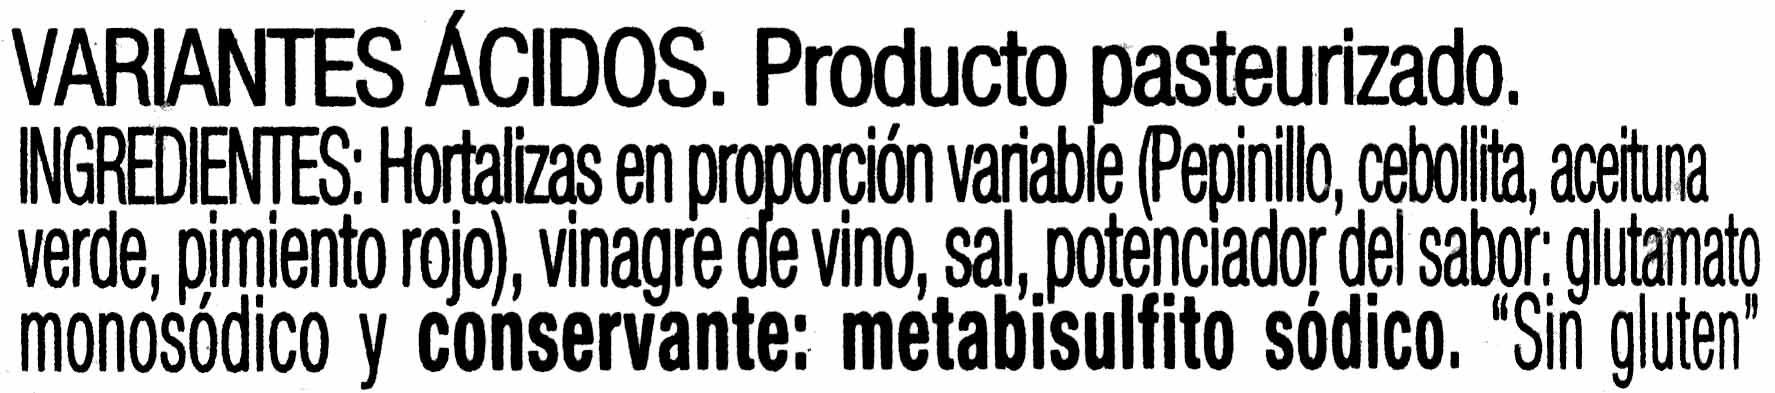 Aperitivo de encurtidos - Ingredients - es